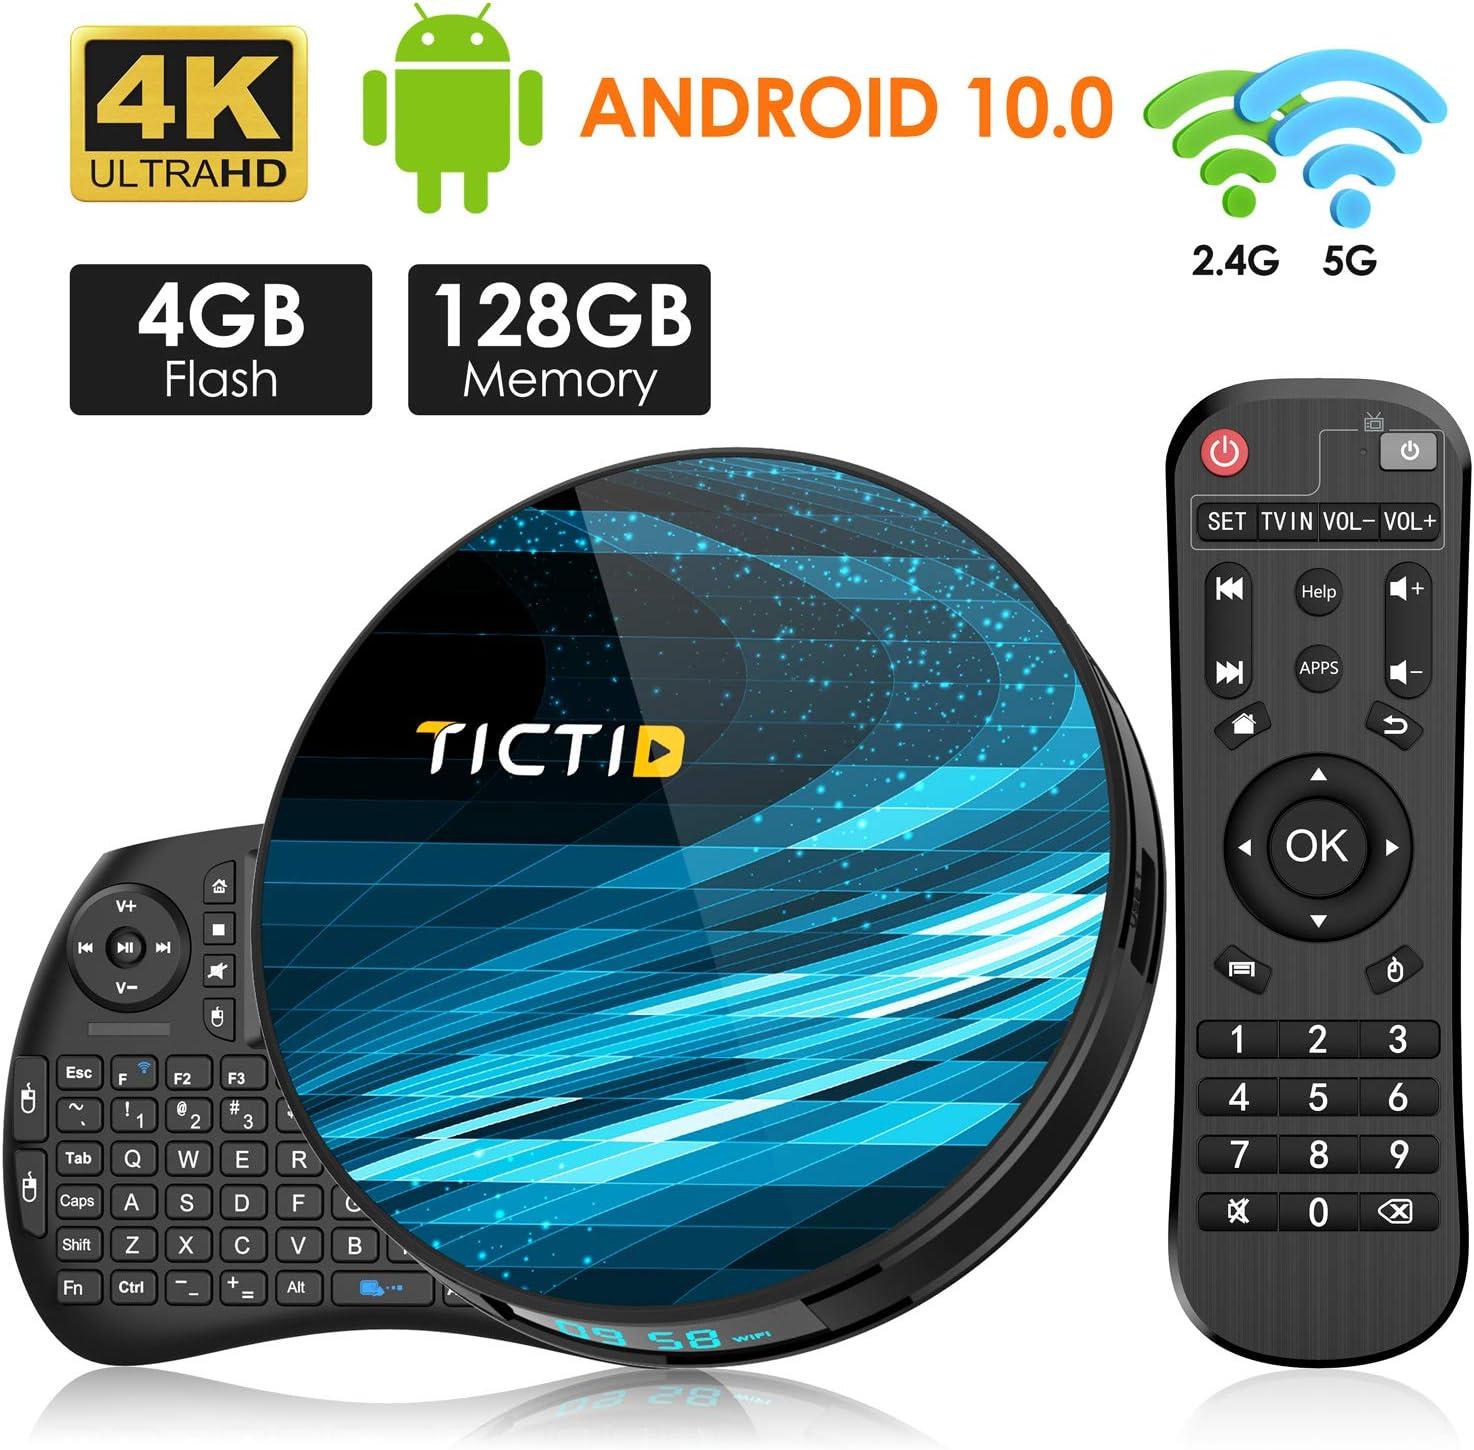 TICTID Android 10.0 TV Box T8 MAX【4G+128G】con Mini Teclado inalámbirco con touchpad RK3318 Quad-Core 64bit WiFi-Dual 5G/2.4G,BT 4.0, 4K*2K UDR H.265, USB 3.0 Smart TV Box